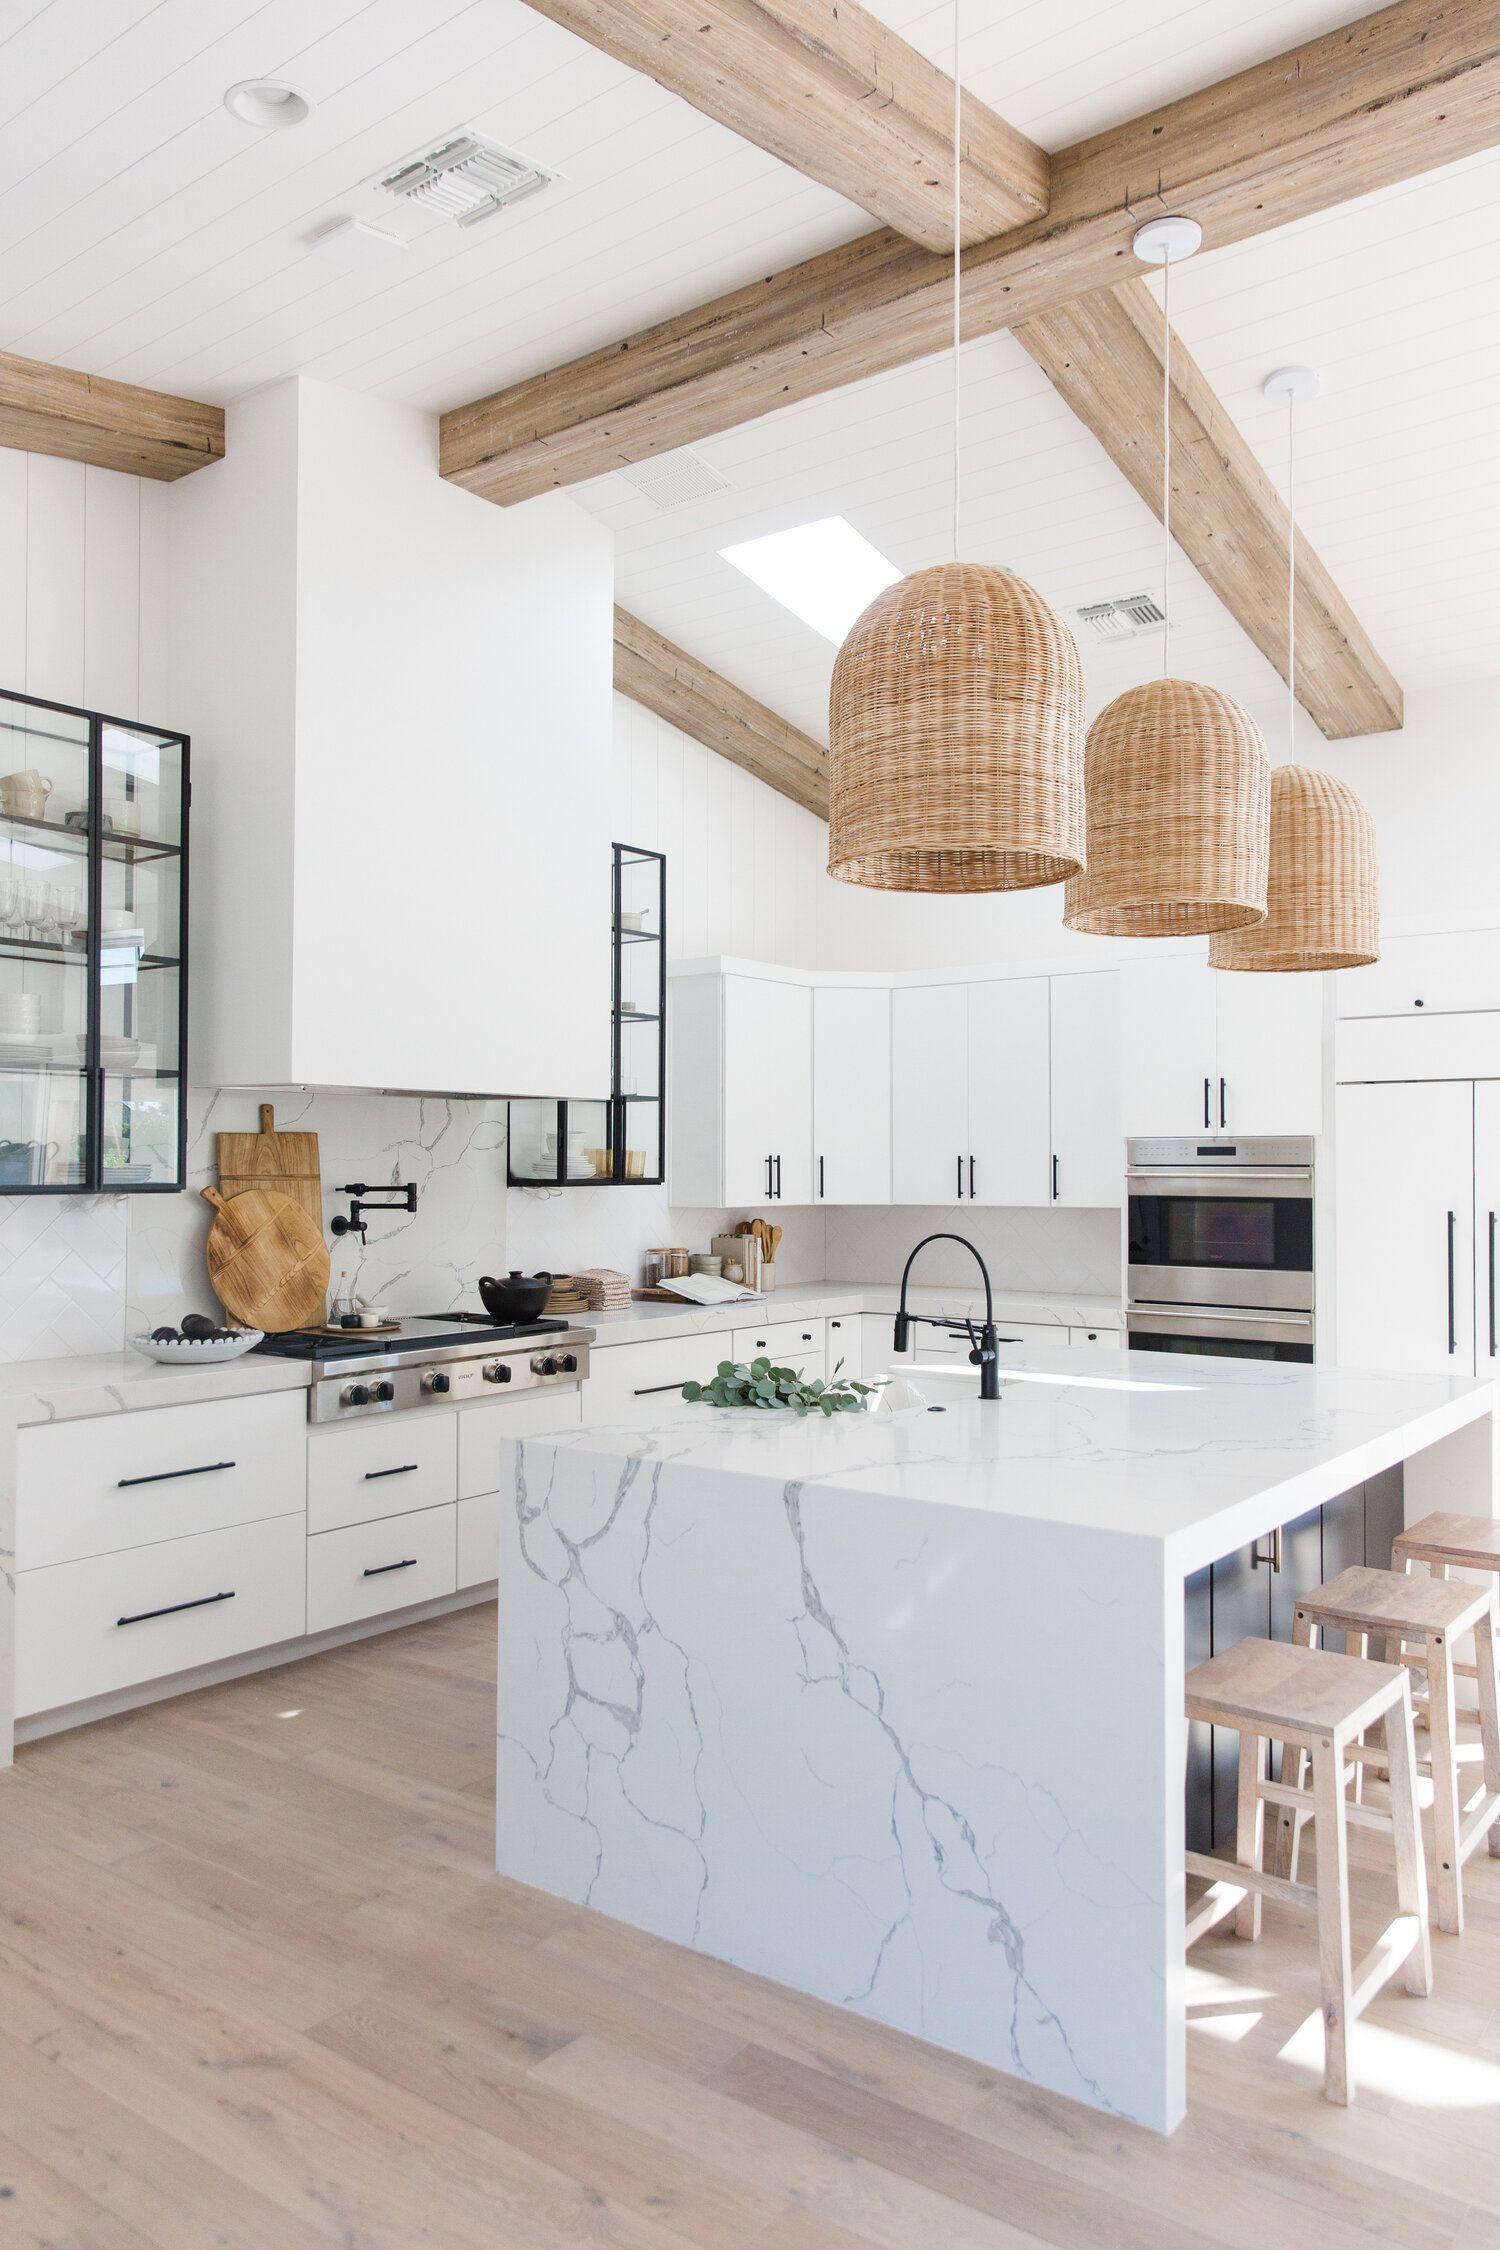 Should I Paint My Kitchen Cabinets Pros Vs Cons In 2020 White Kitchen Decor Home Decor Kitchen Interior Design Kitchen